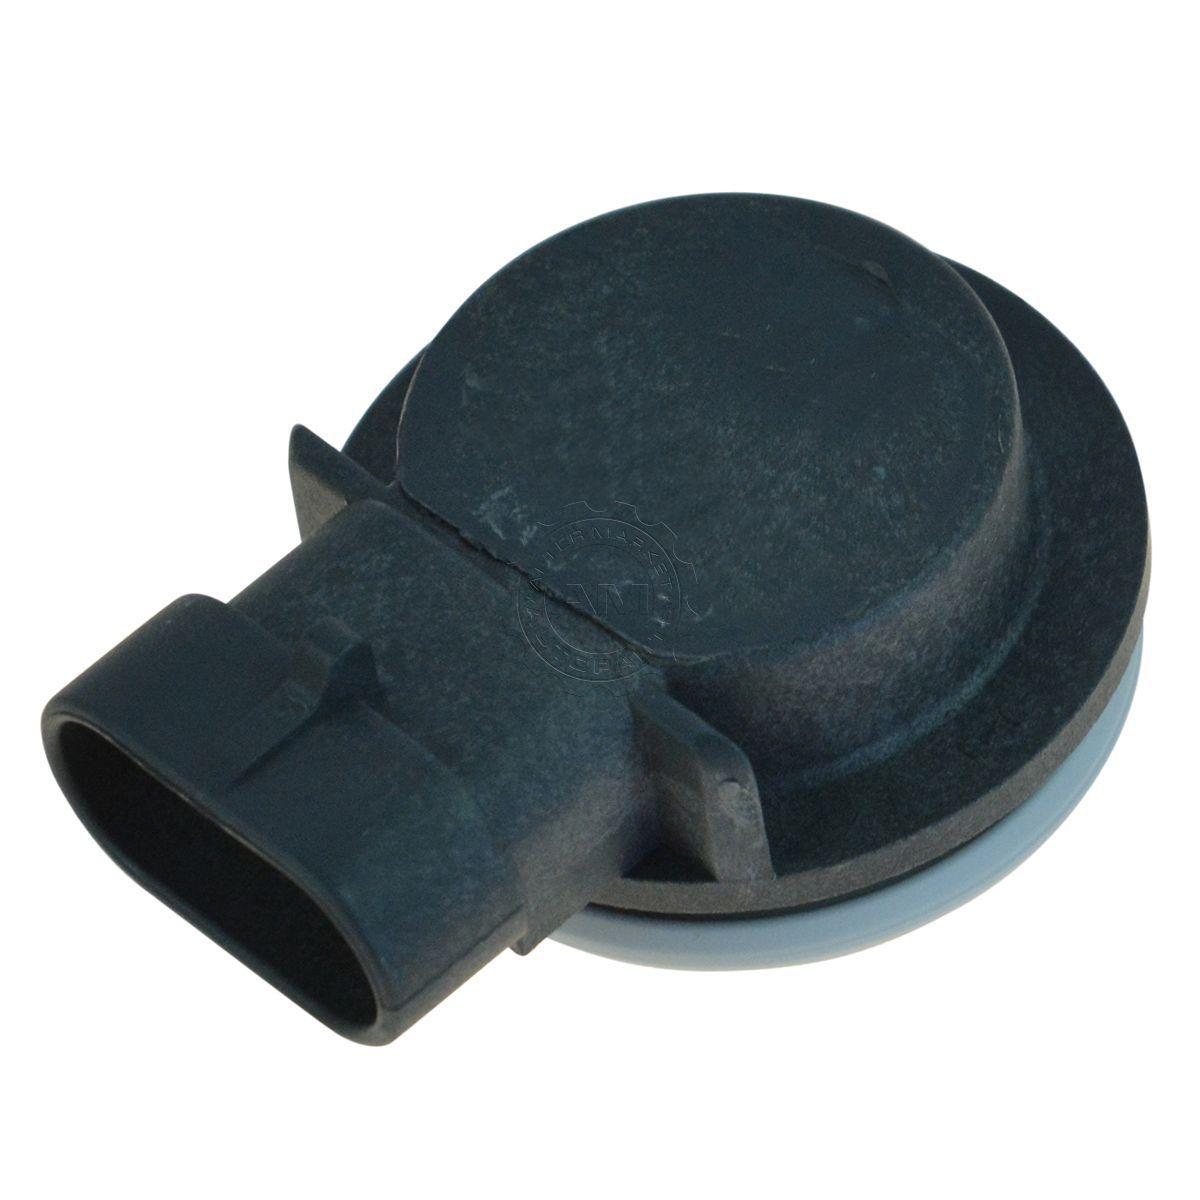 コーナーライト AC Delco 12335587 Bulb Socket Front for 00-05 Buick Lesabre ACデルコ12335587電球ソケットフロントfor 00-05 Buick Lesabre